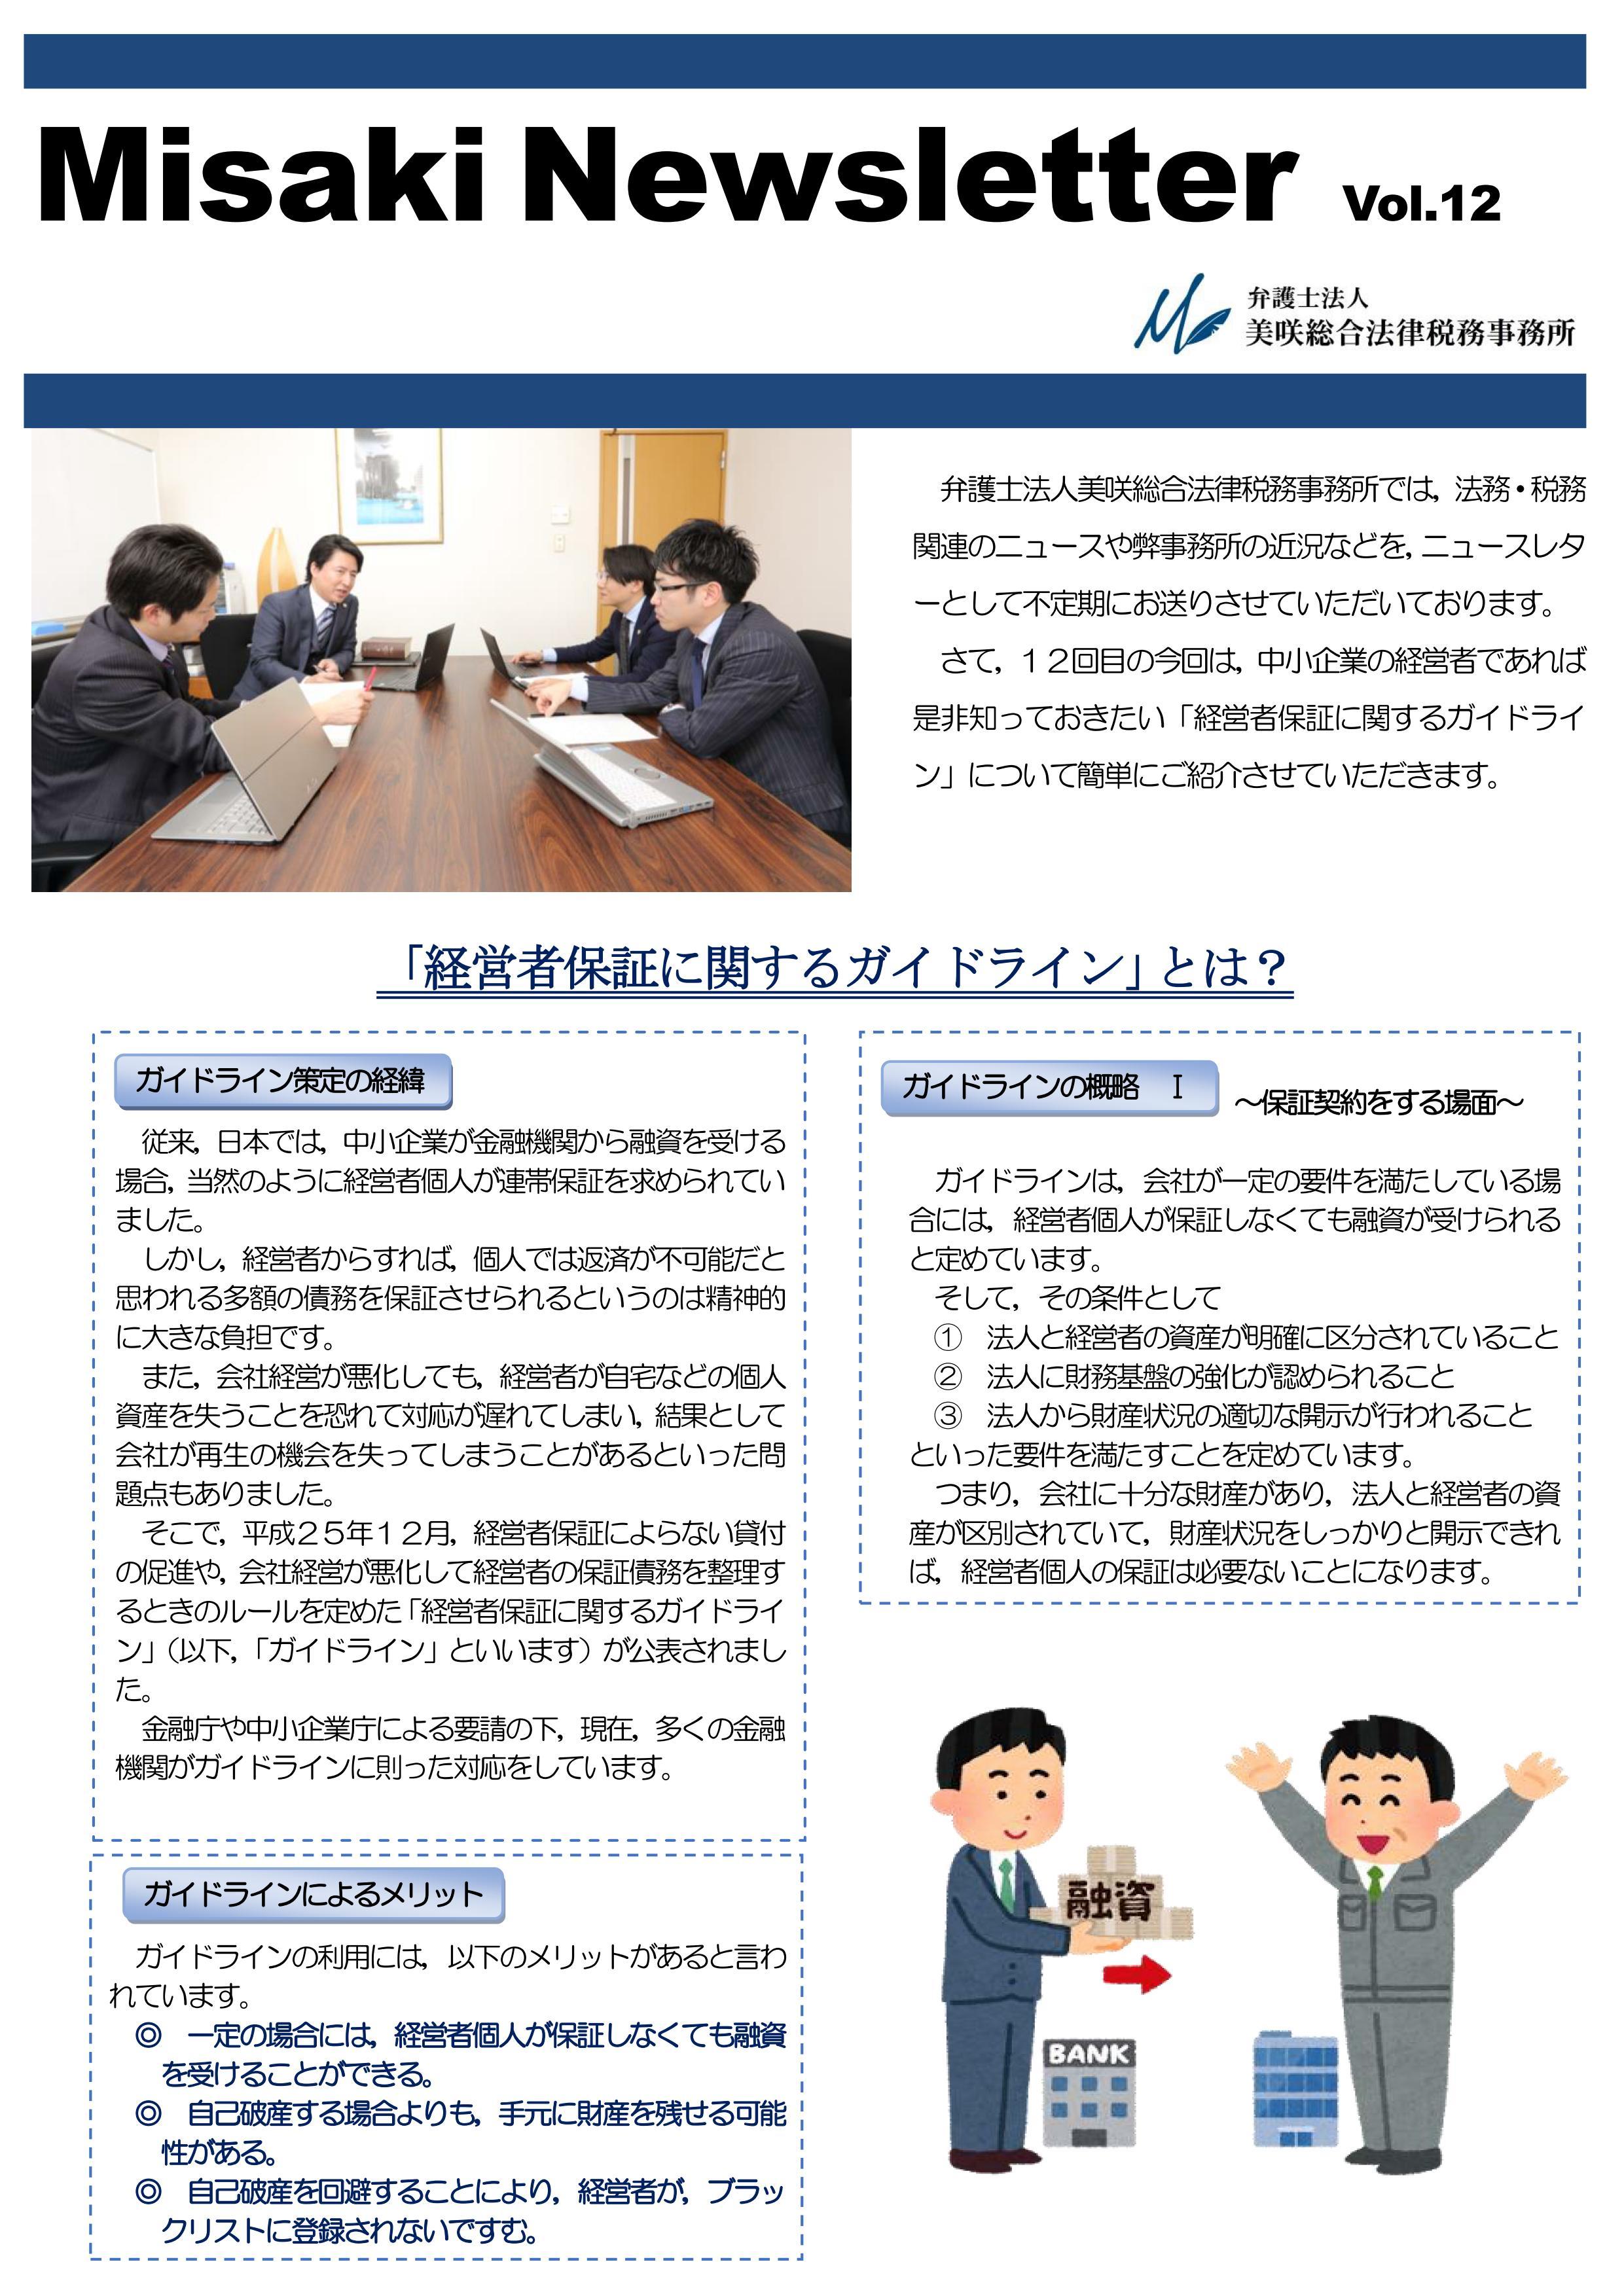 ニュースレター Vol.12_01.jpg